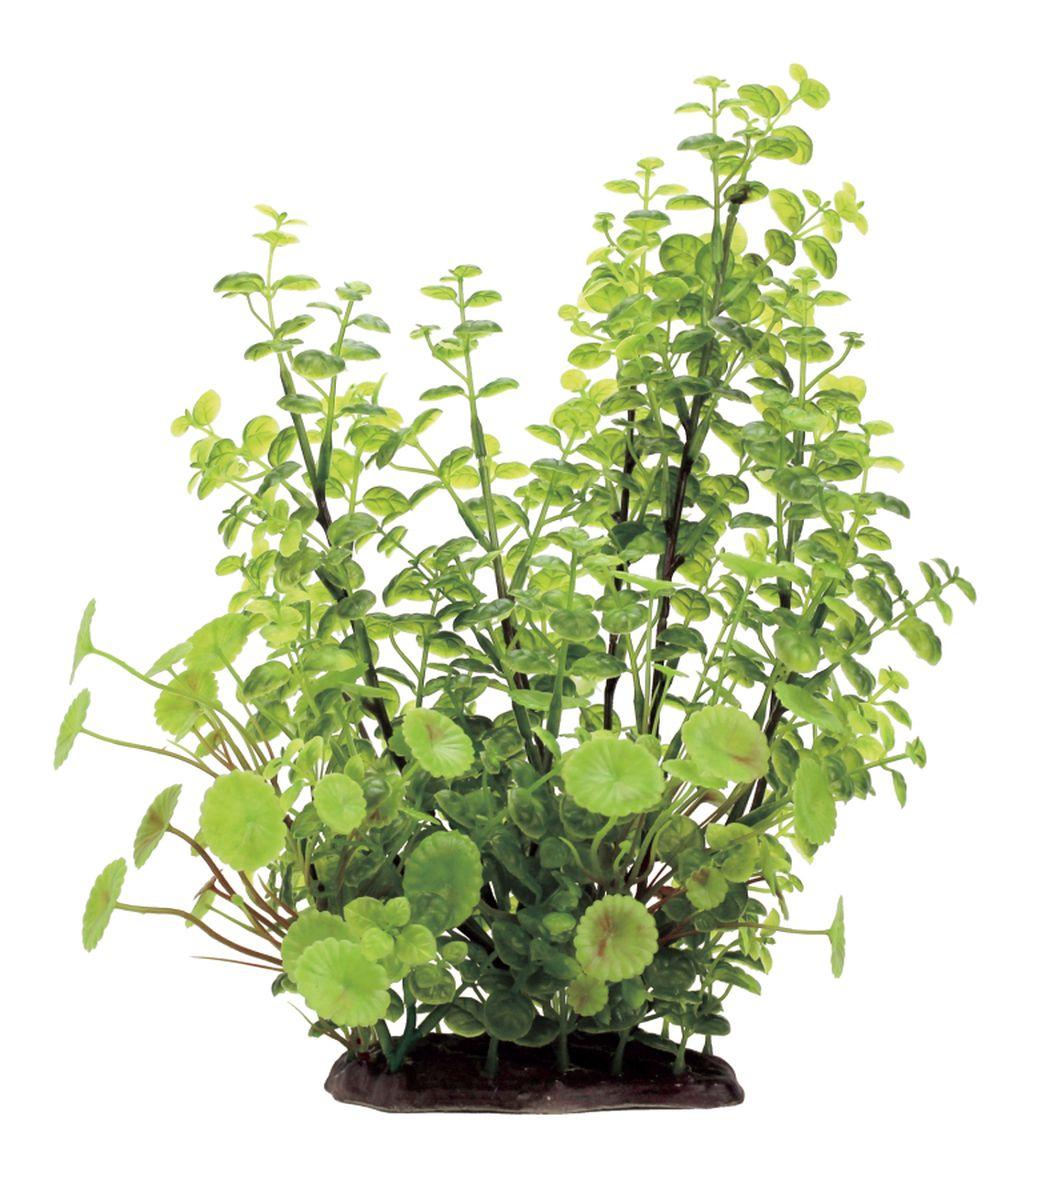 Растение для аквариума ArtUniq Кардамин, высота 35 смART-1130104Растение для аквариума ArtUniq Кардамин, высота 35 см